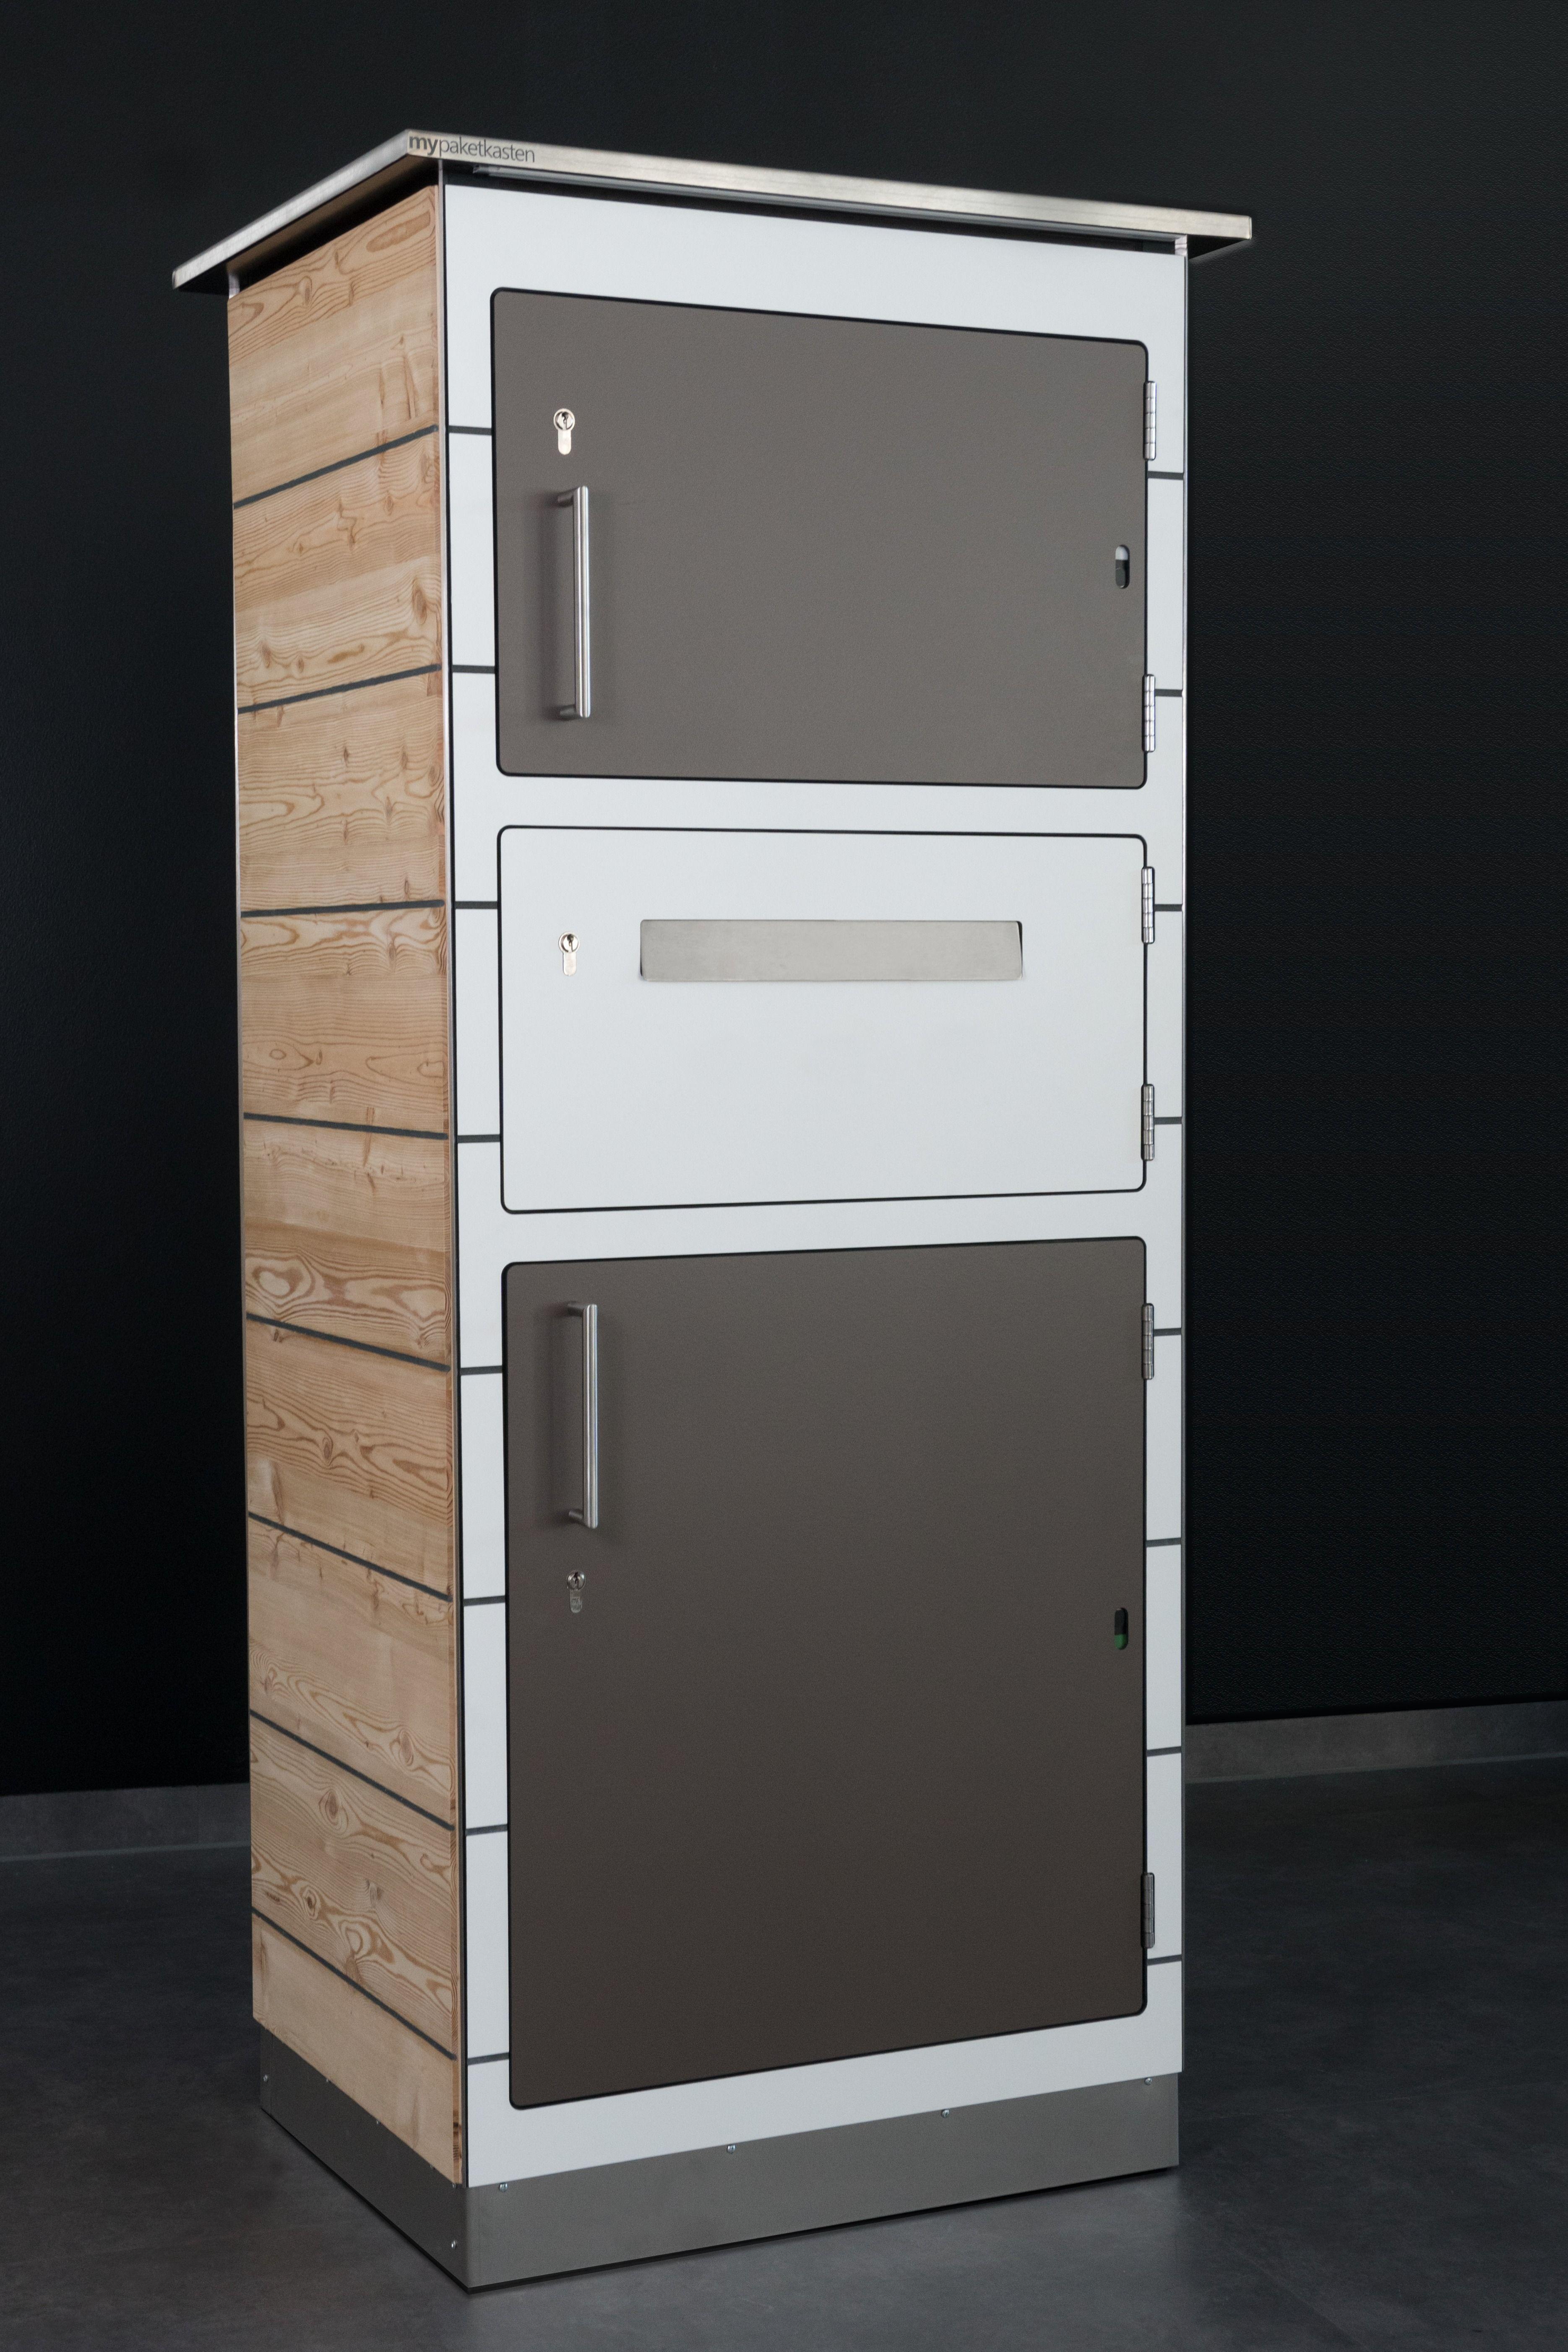 Design Briefkasten für Pakete von Mypaketkasten. Mit